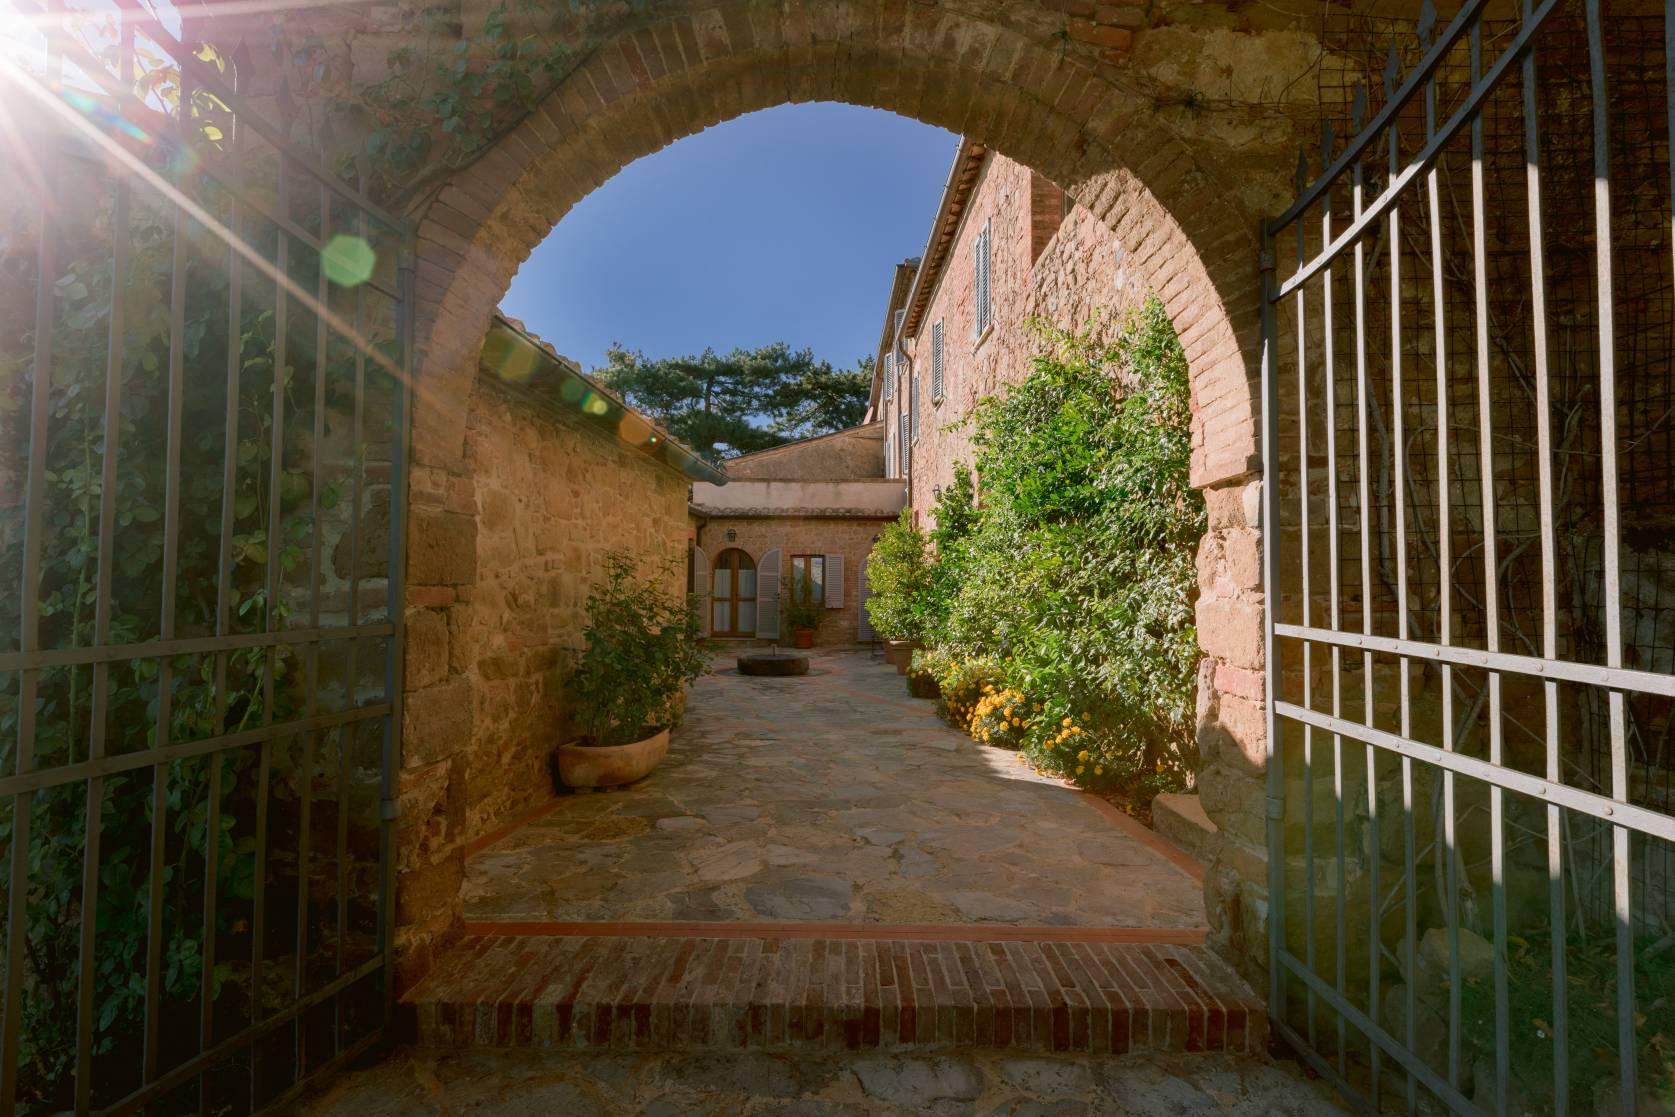 dimore quartetto borgo sant'ambrogio 6 (1)